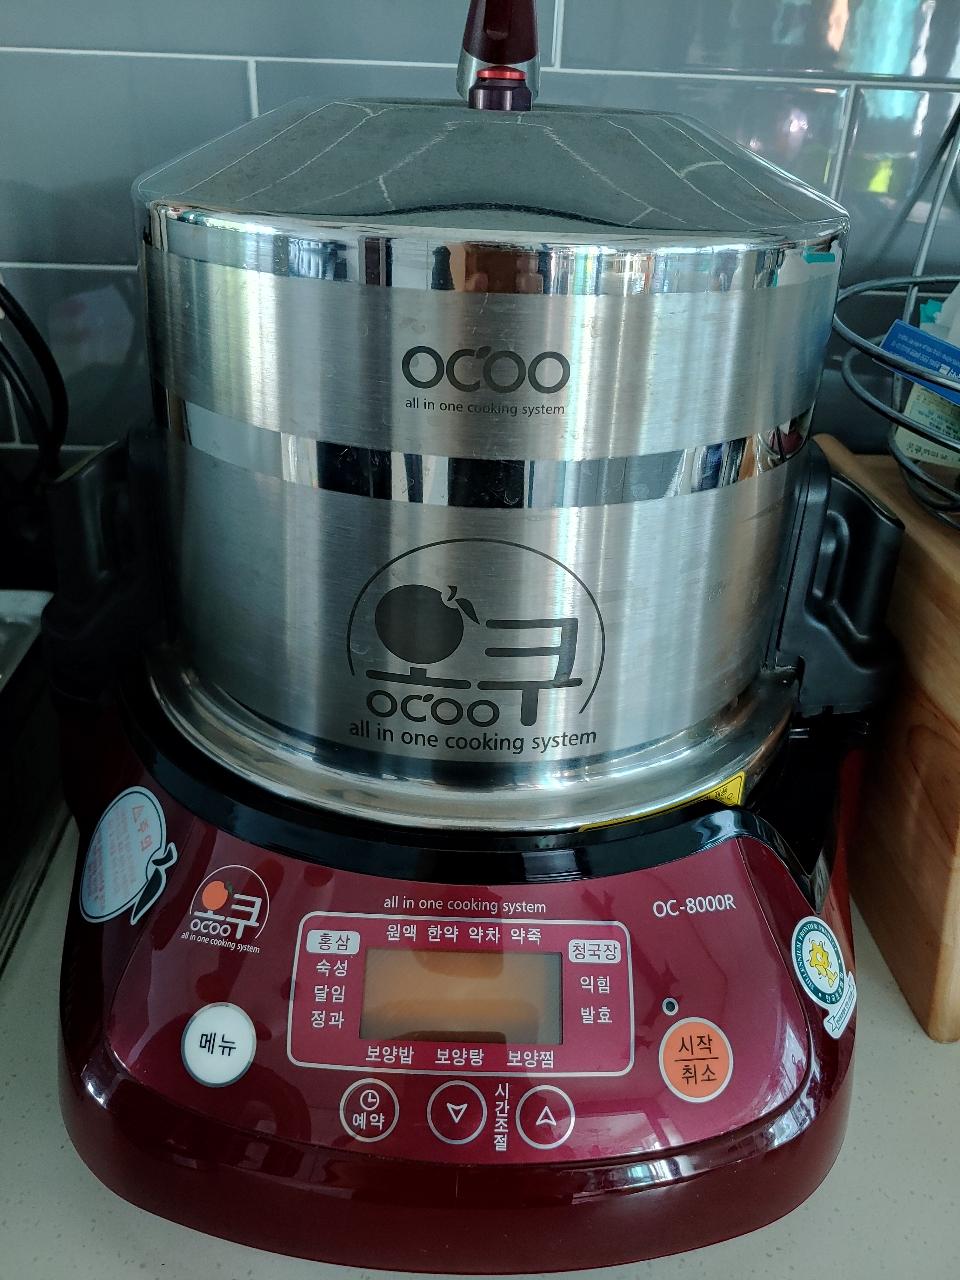 오쿠oc-8000R